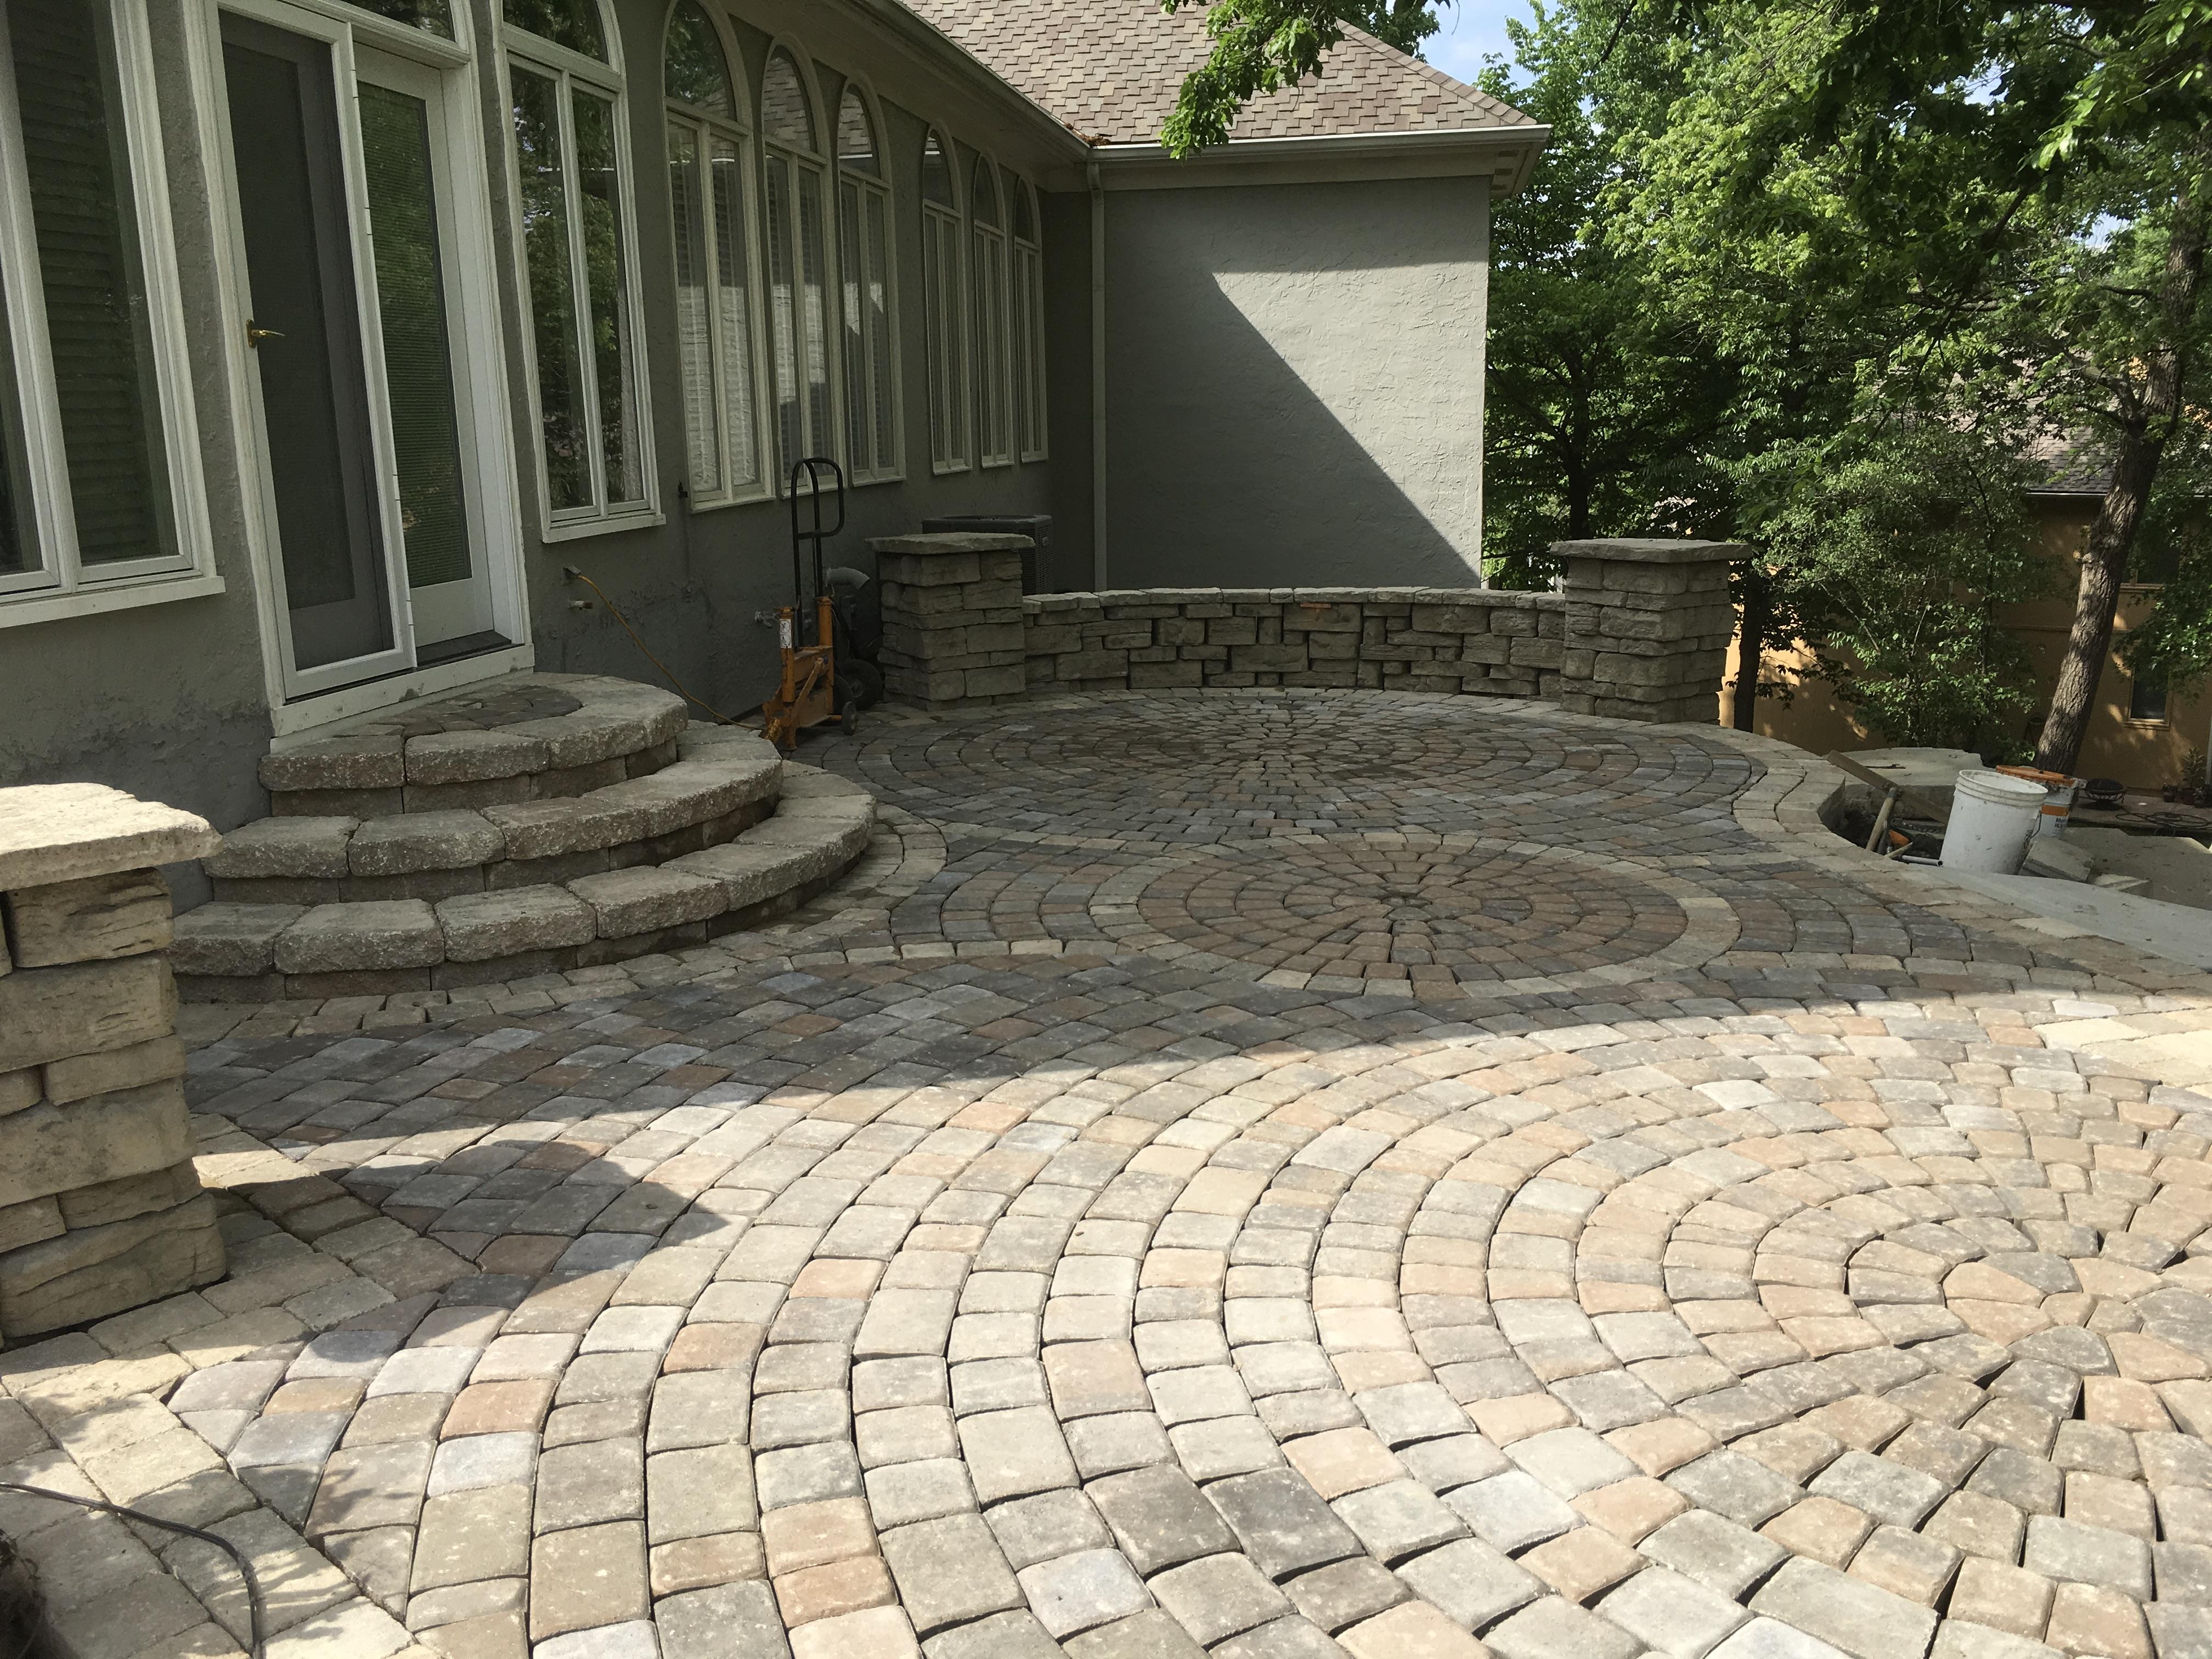 Drainage, hardscape, foundation, erosion, patios, design